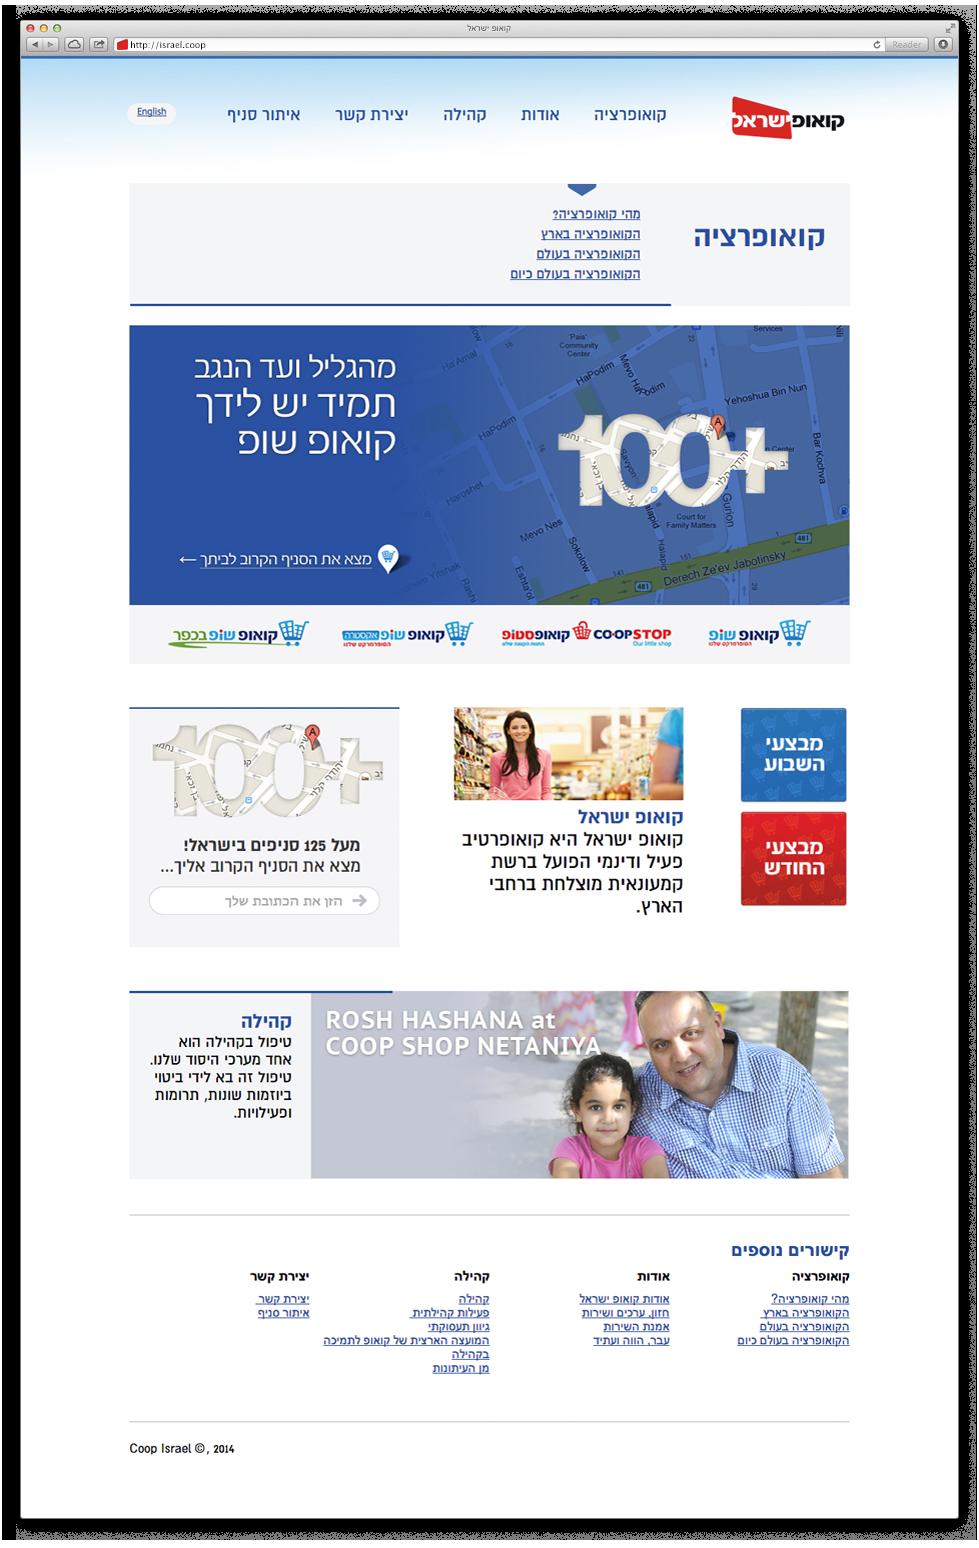 בניית אתר אינטרנט לרשת קואופ ישראל